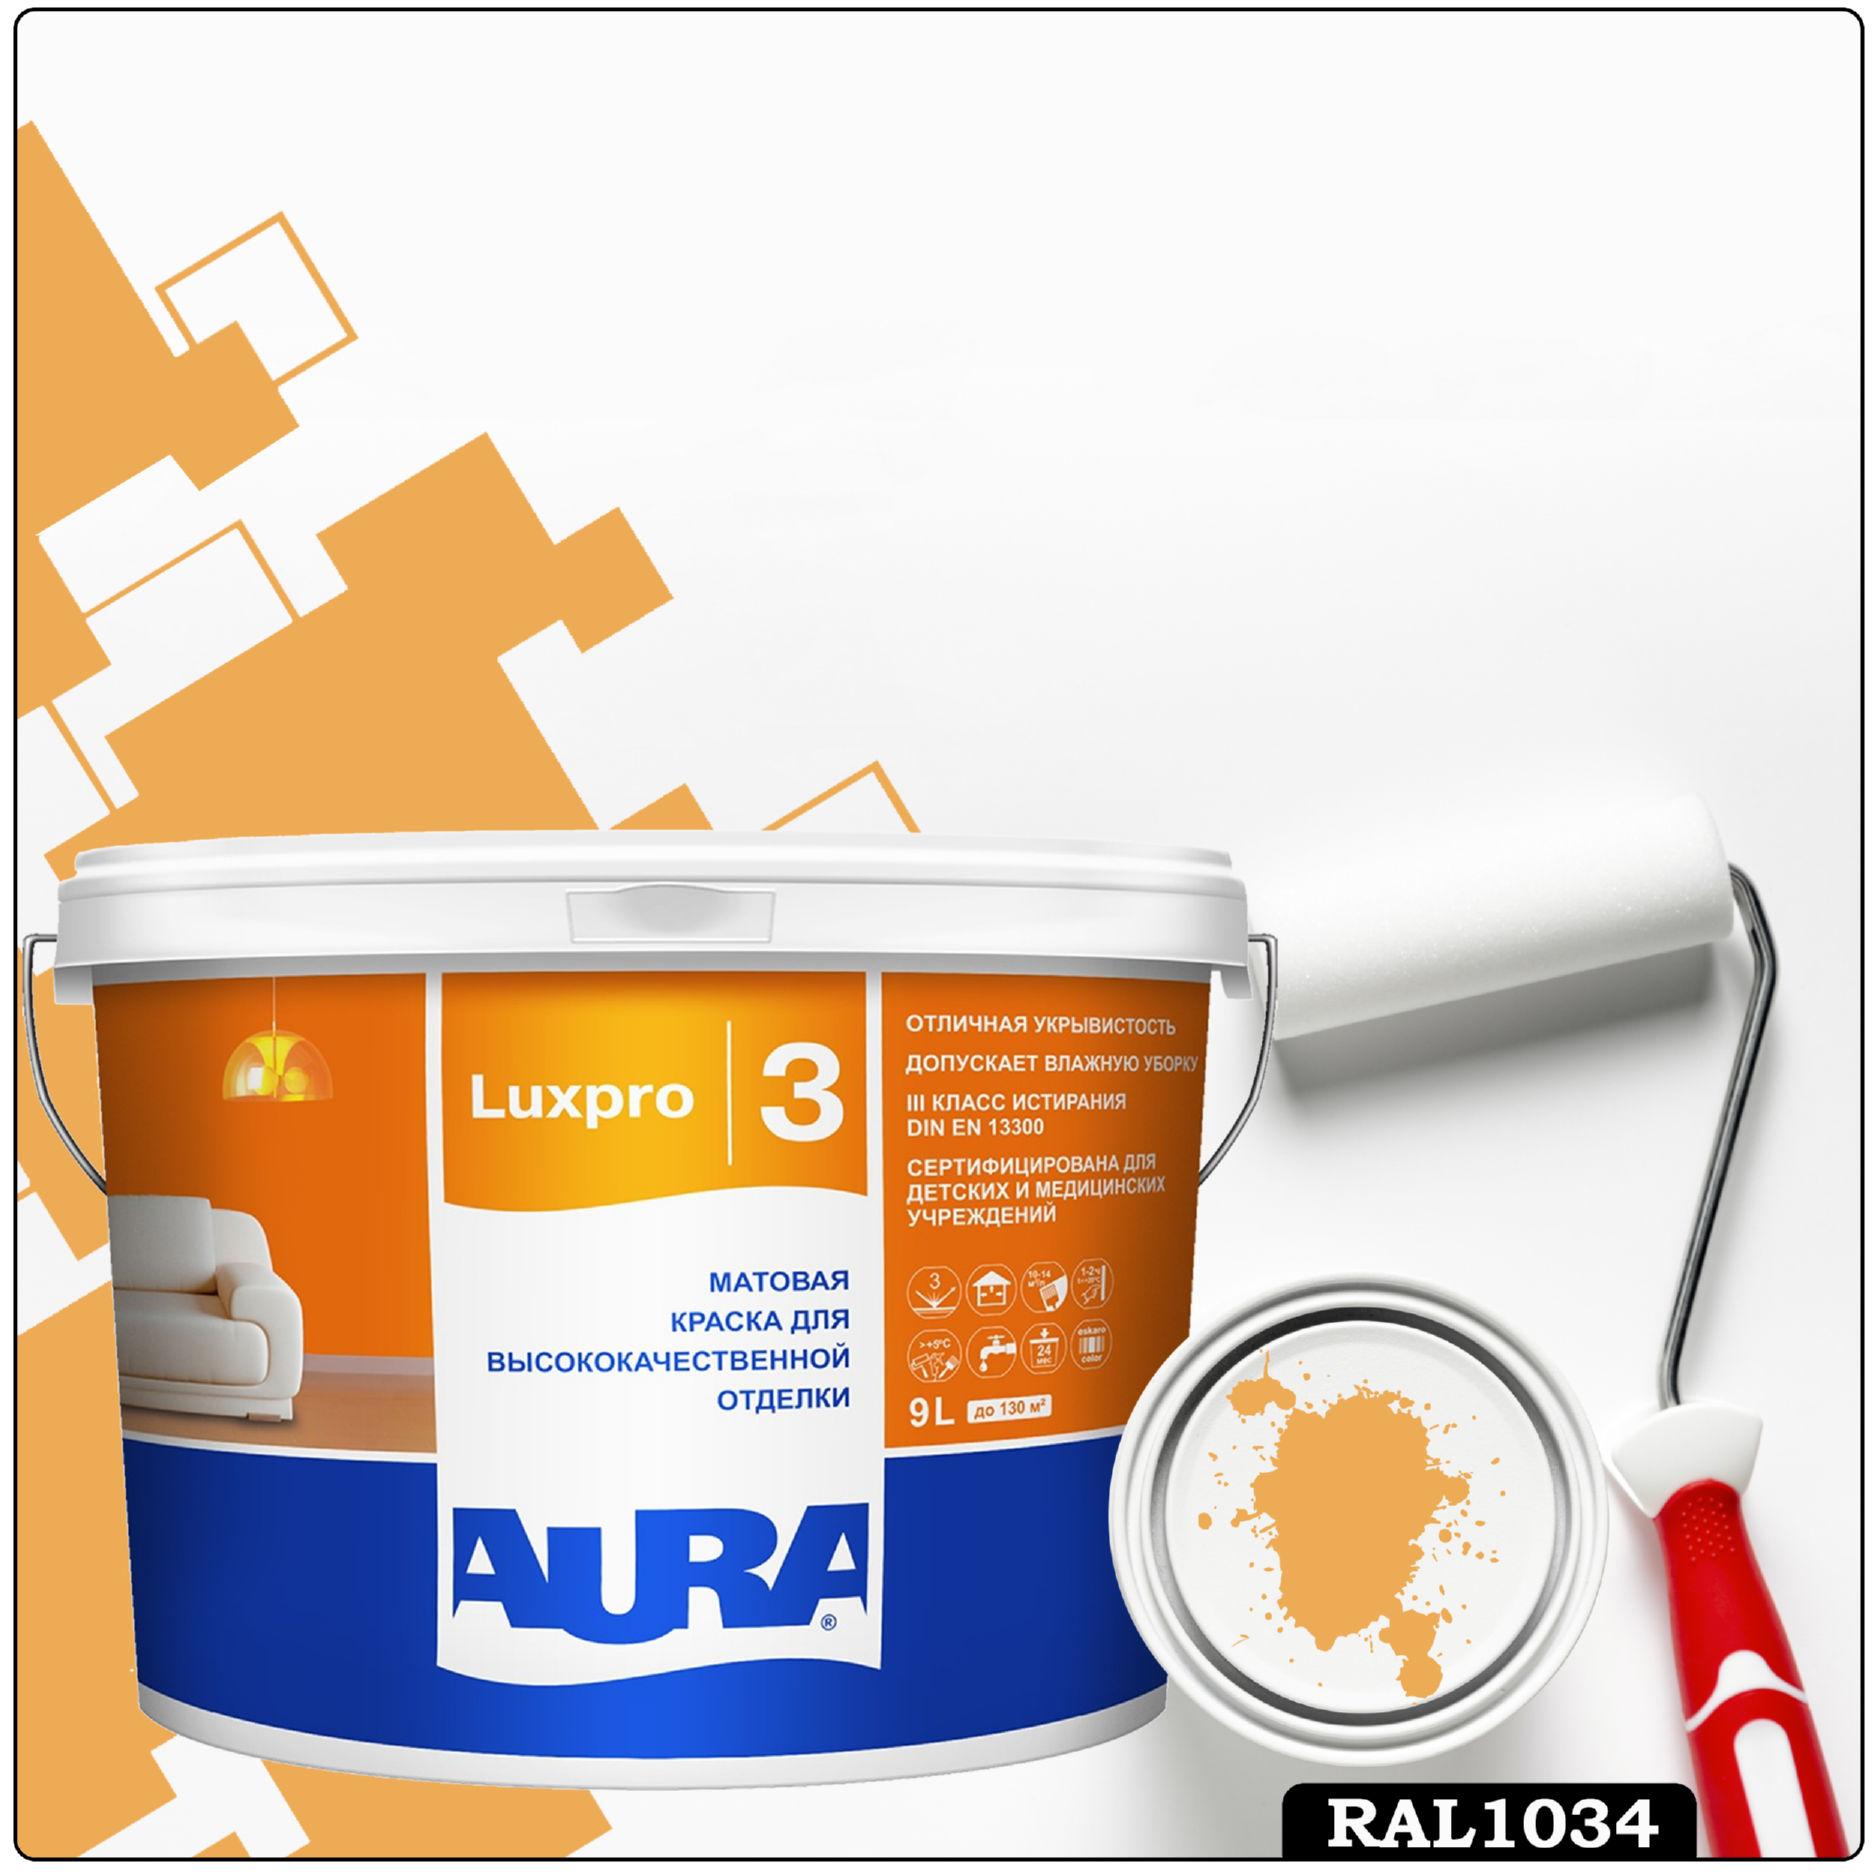 Фото 2 - Краска Aura LuxPRO 3, RAL 1034 Пастельно-жёлтый, латексная, шелково-матовая, интерьерная, 9л, Аура.